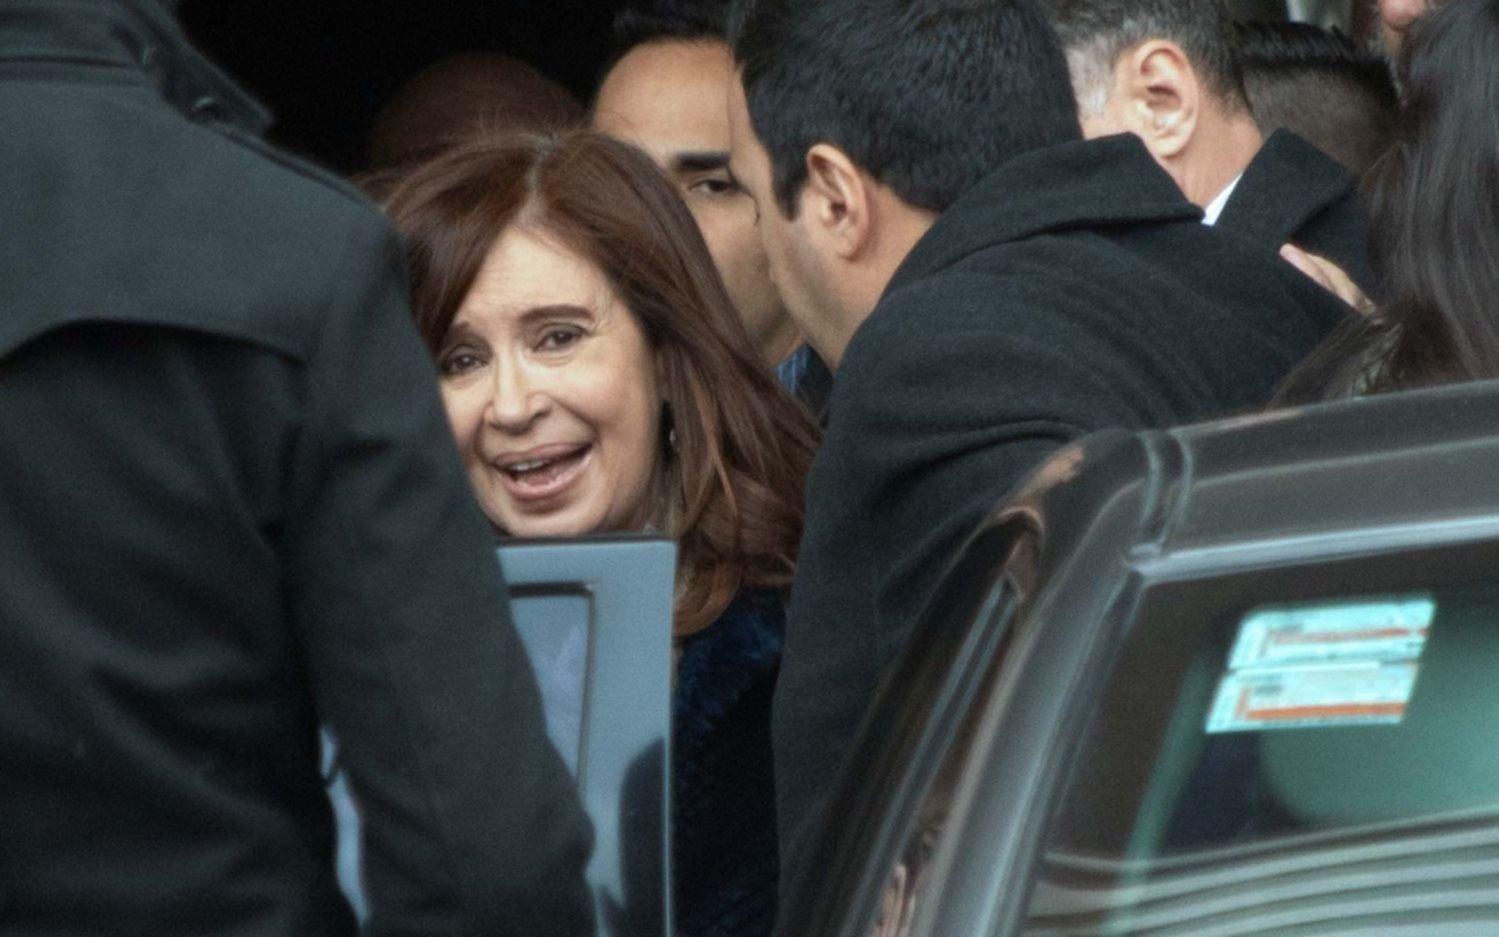 Citaron a Cristina Kirchner a declaración indagatoria por el pago de coimas millonarias